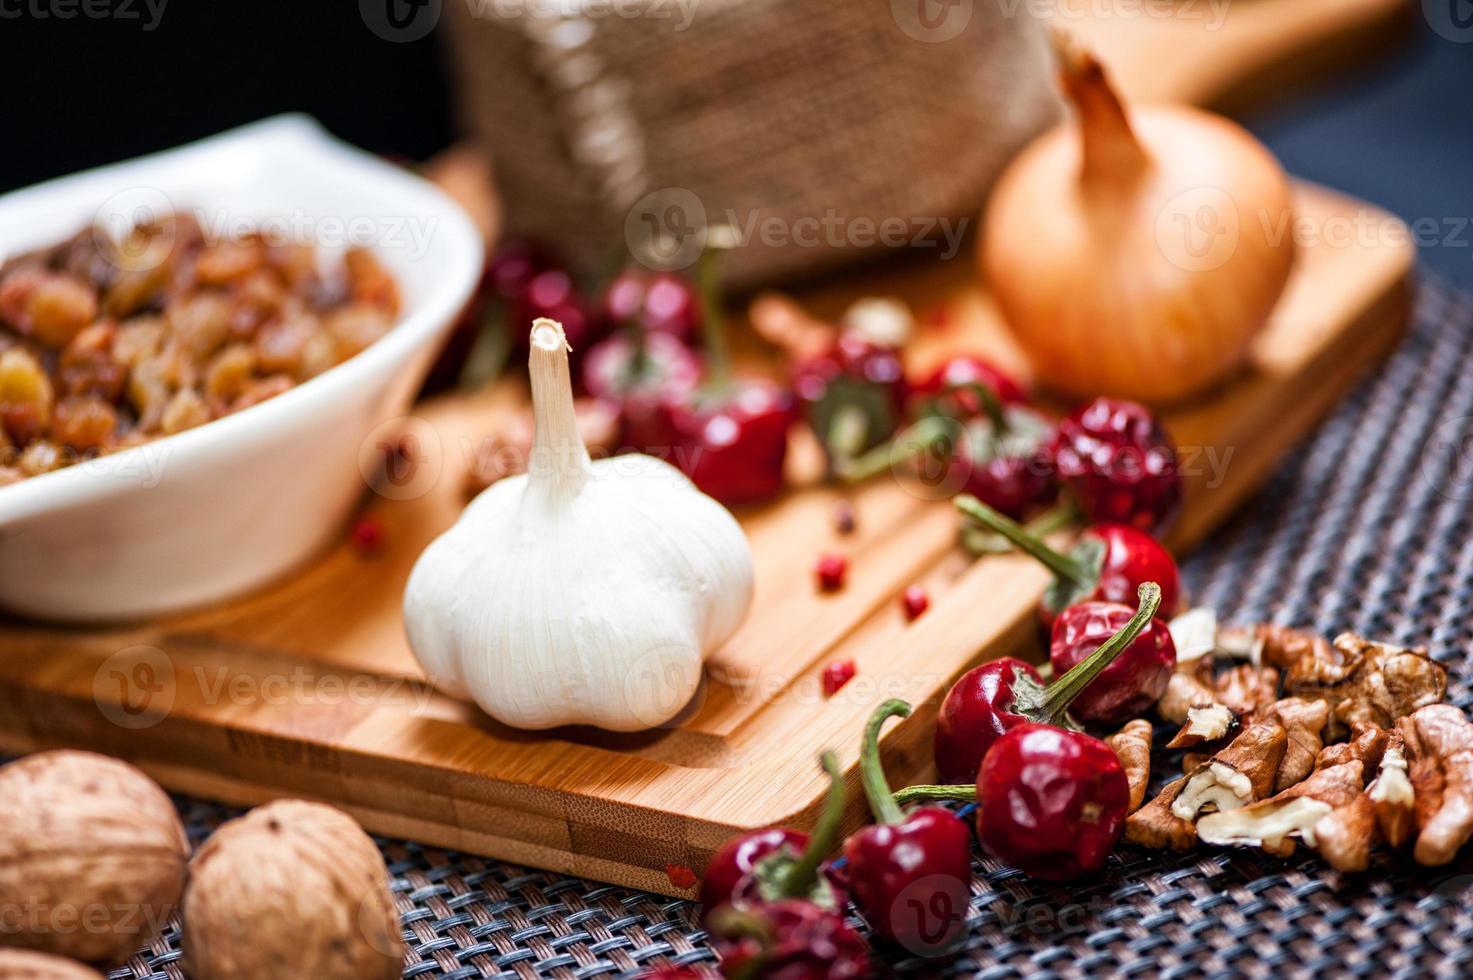 verse aromatische uien en knoflook klaar om te koken foto